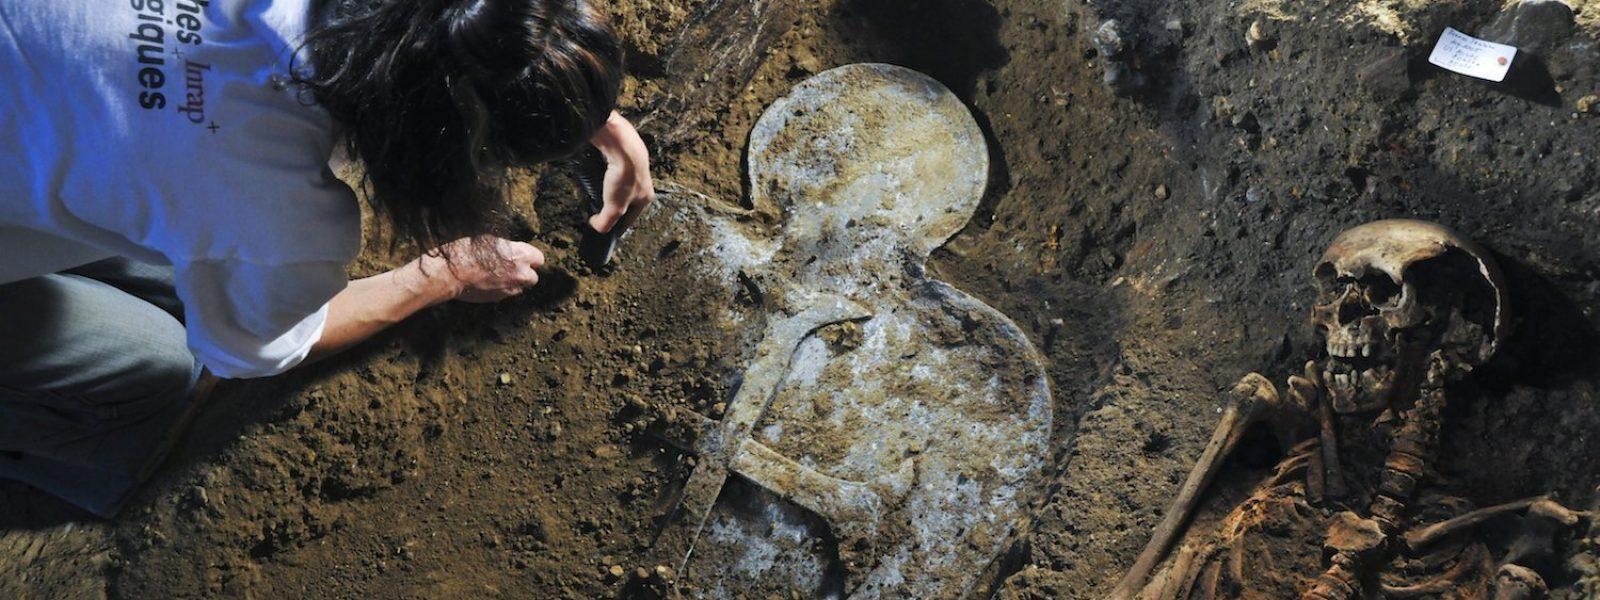 Découverte d'un sarcophage à Rennes